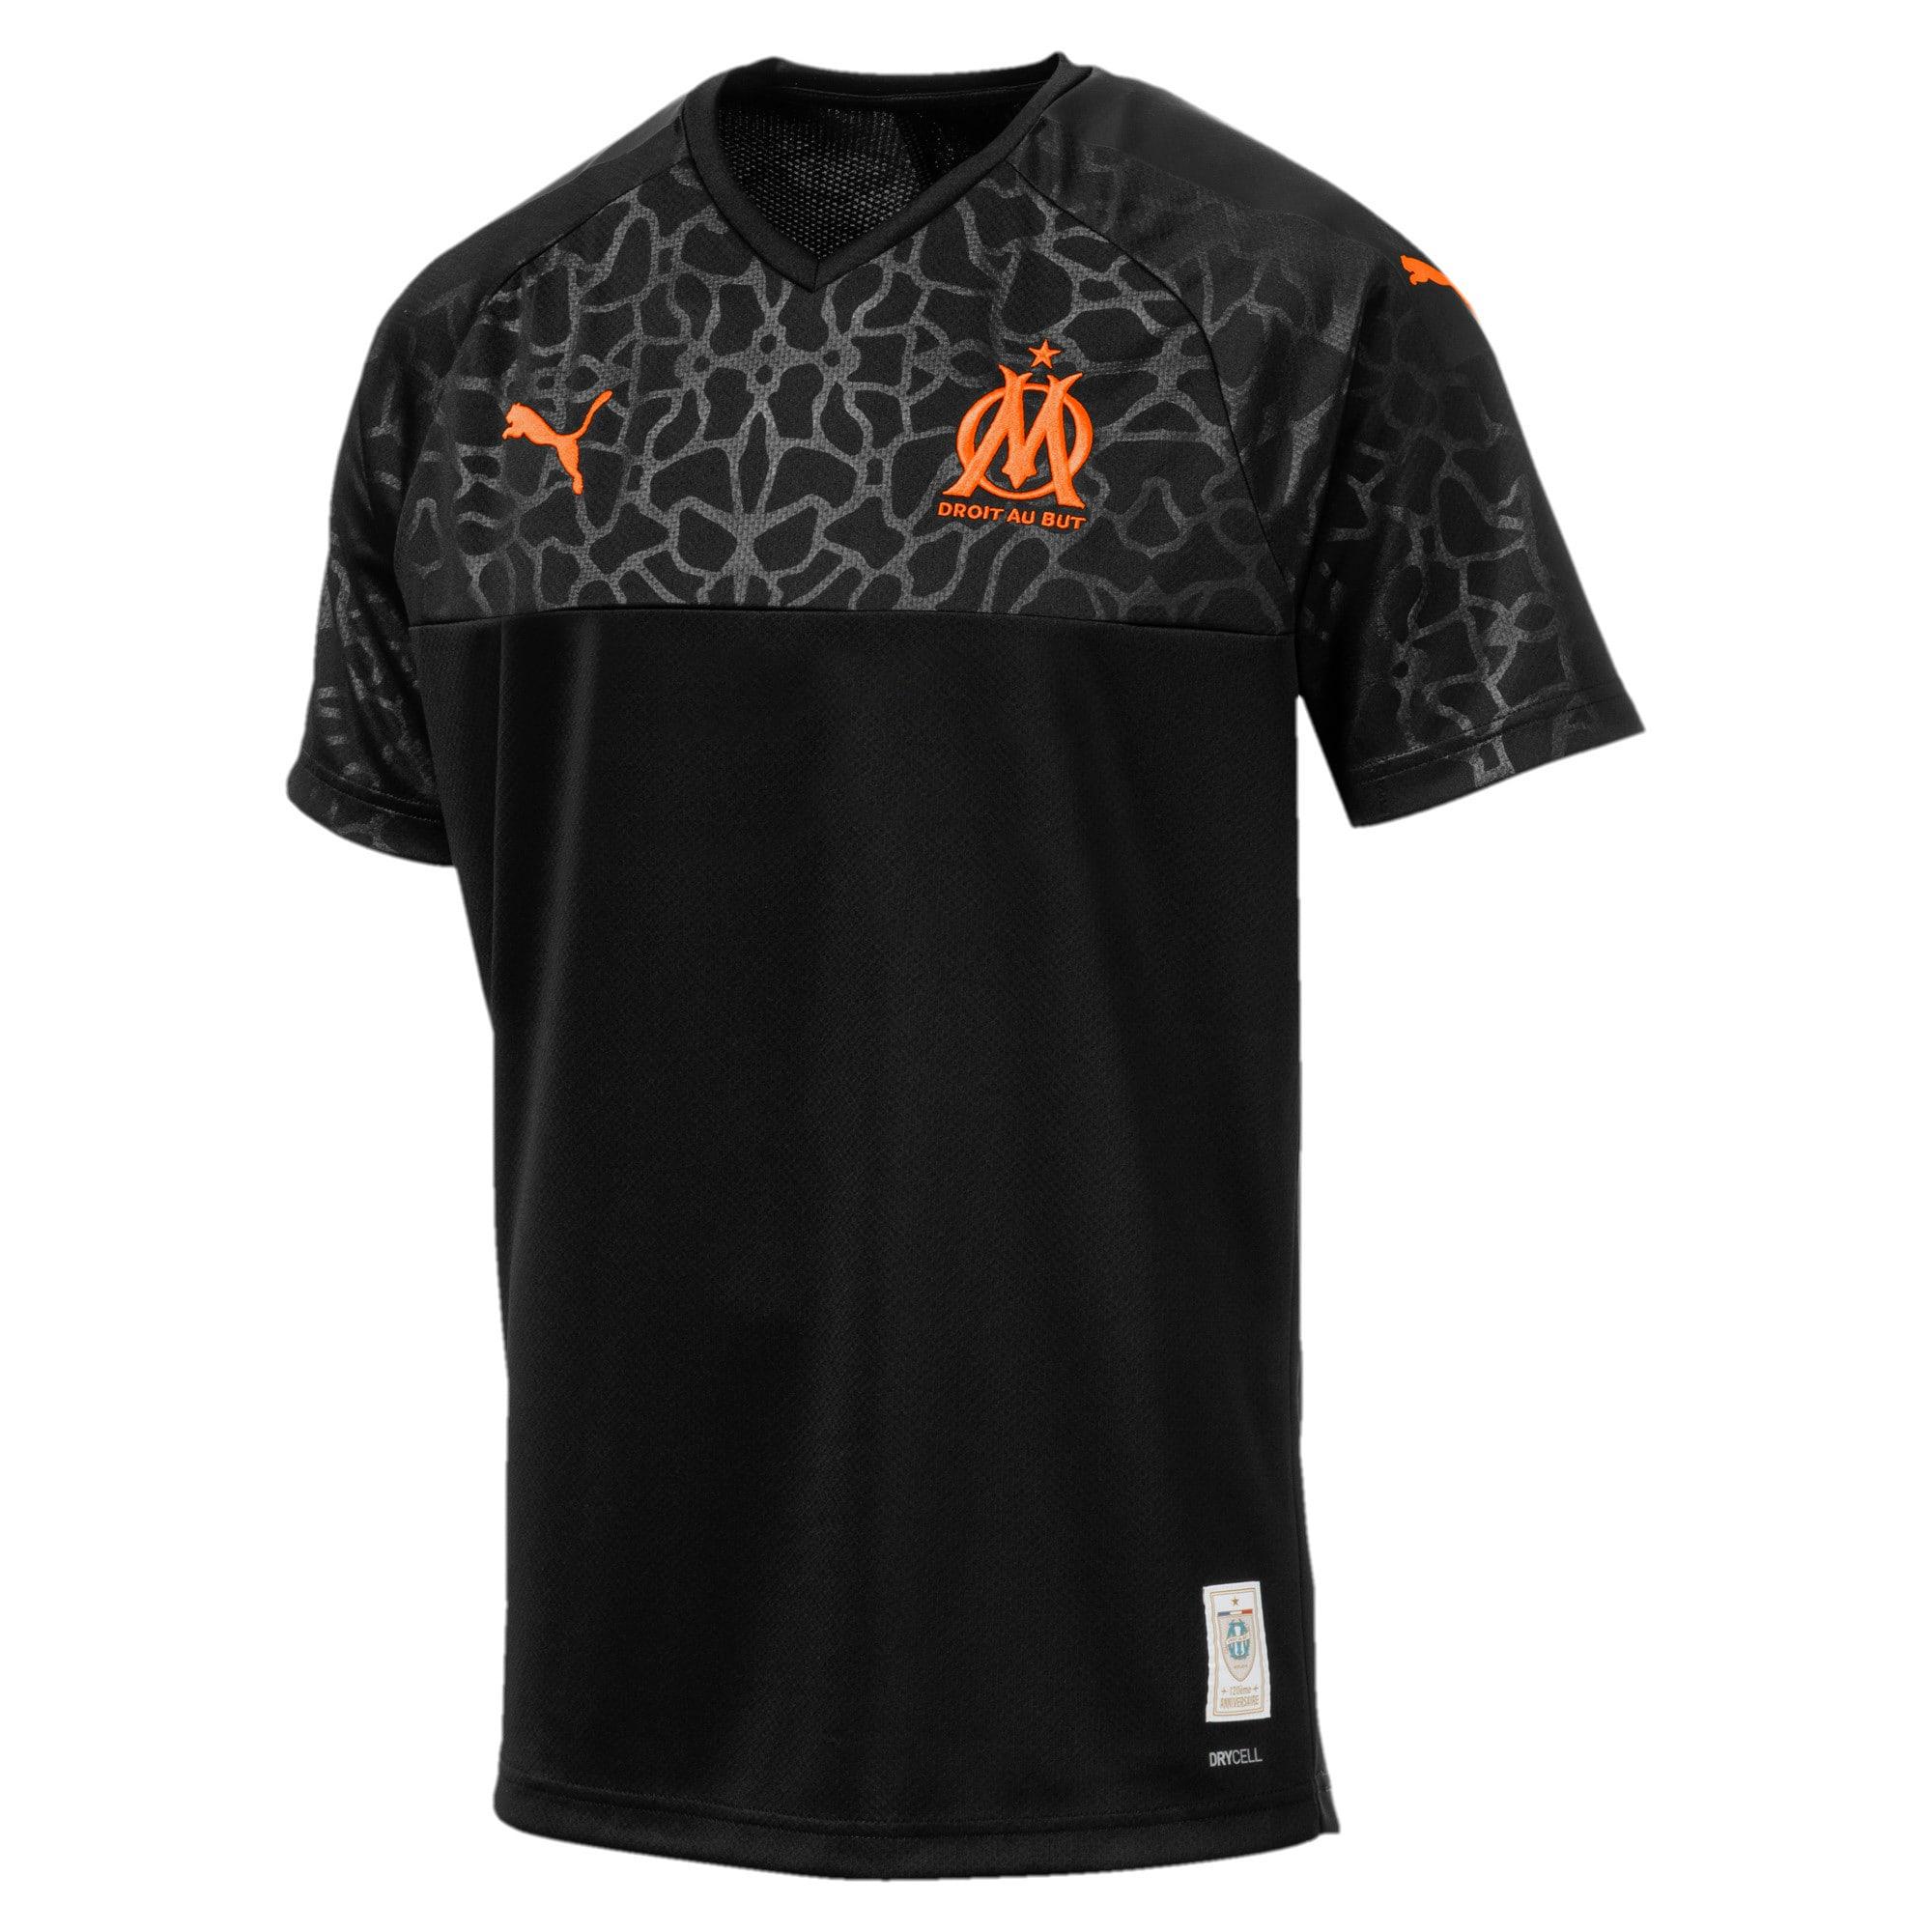 Thumbnail 1 of Olympique de Marseille Men's Replica Third Jersey, Puma Black-Orange Popsicle, medium